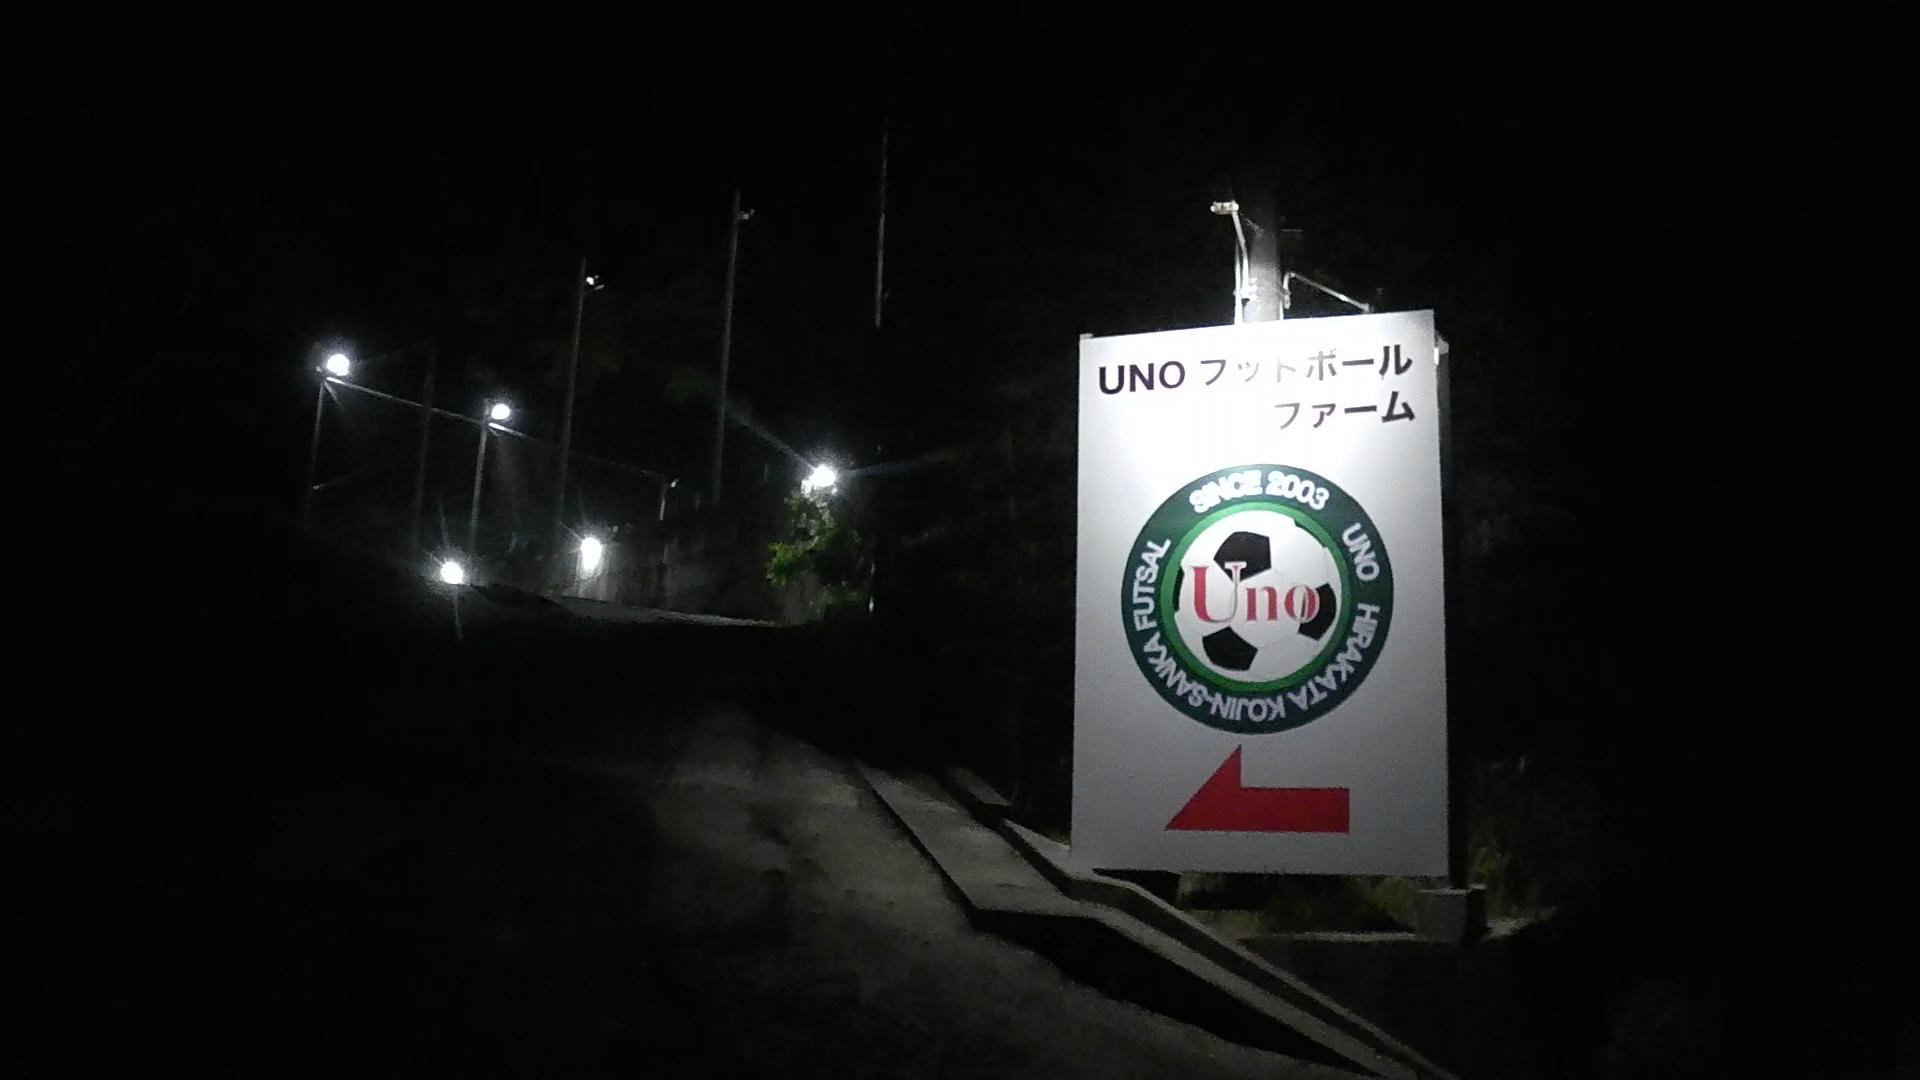 UNO 5/13(金) UNOフットボールファーム_a0059812_17471568.jpg